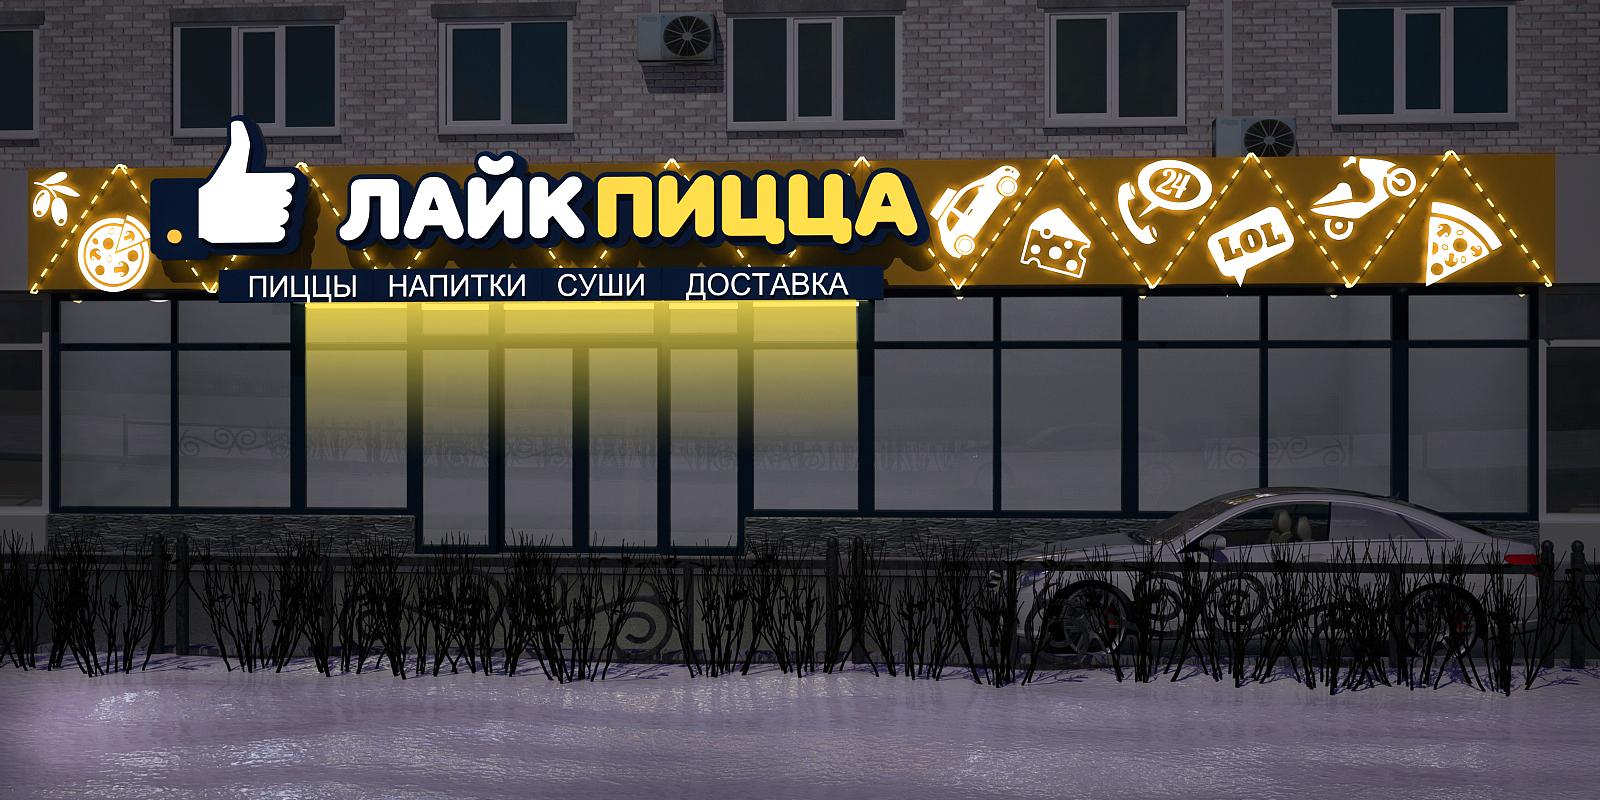 Дизайн уличного козырька с вывеской для пиццерии фото f_1555871deab732f6.jpg